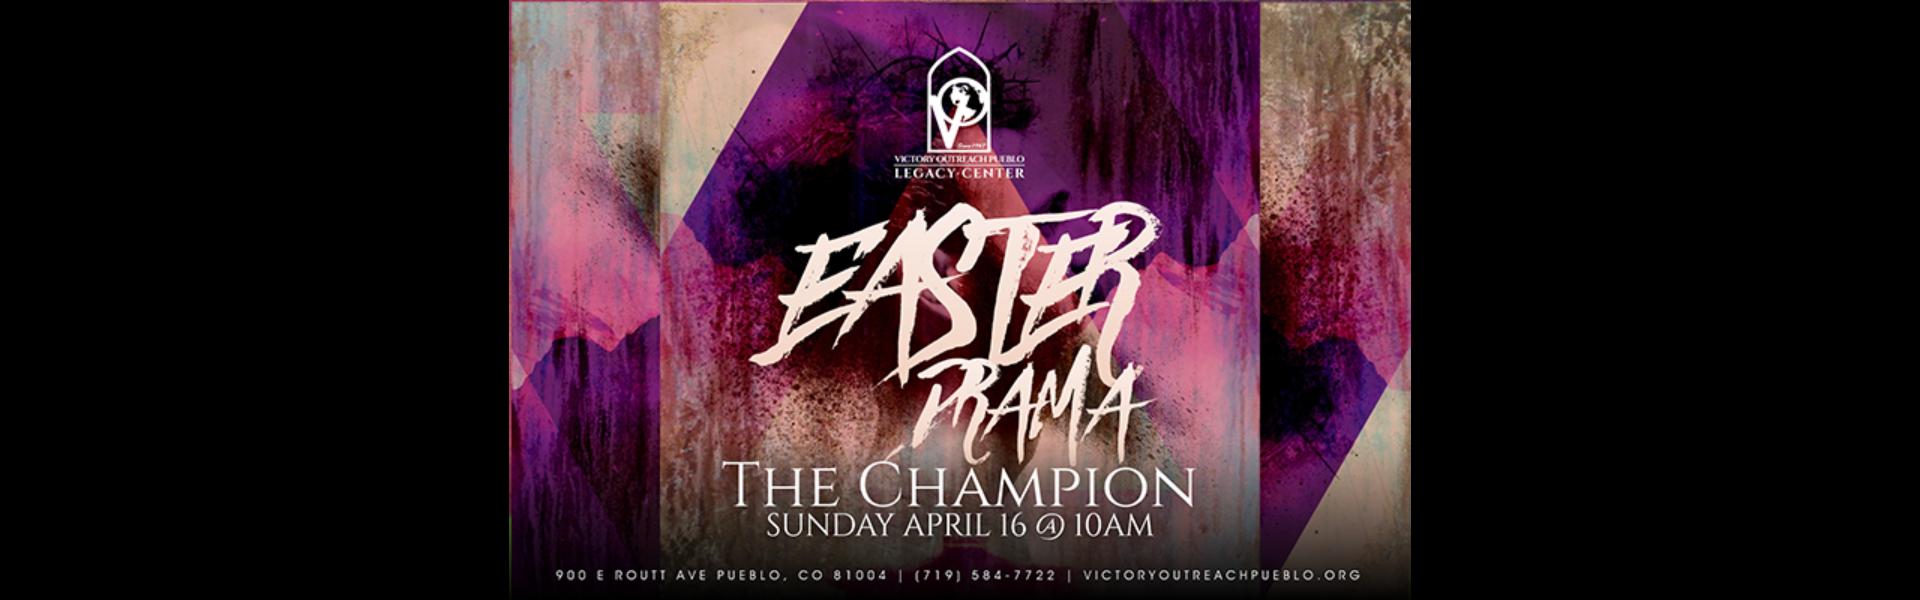 Easter Drama April 16